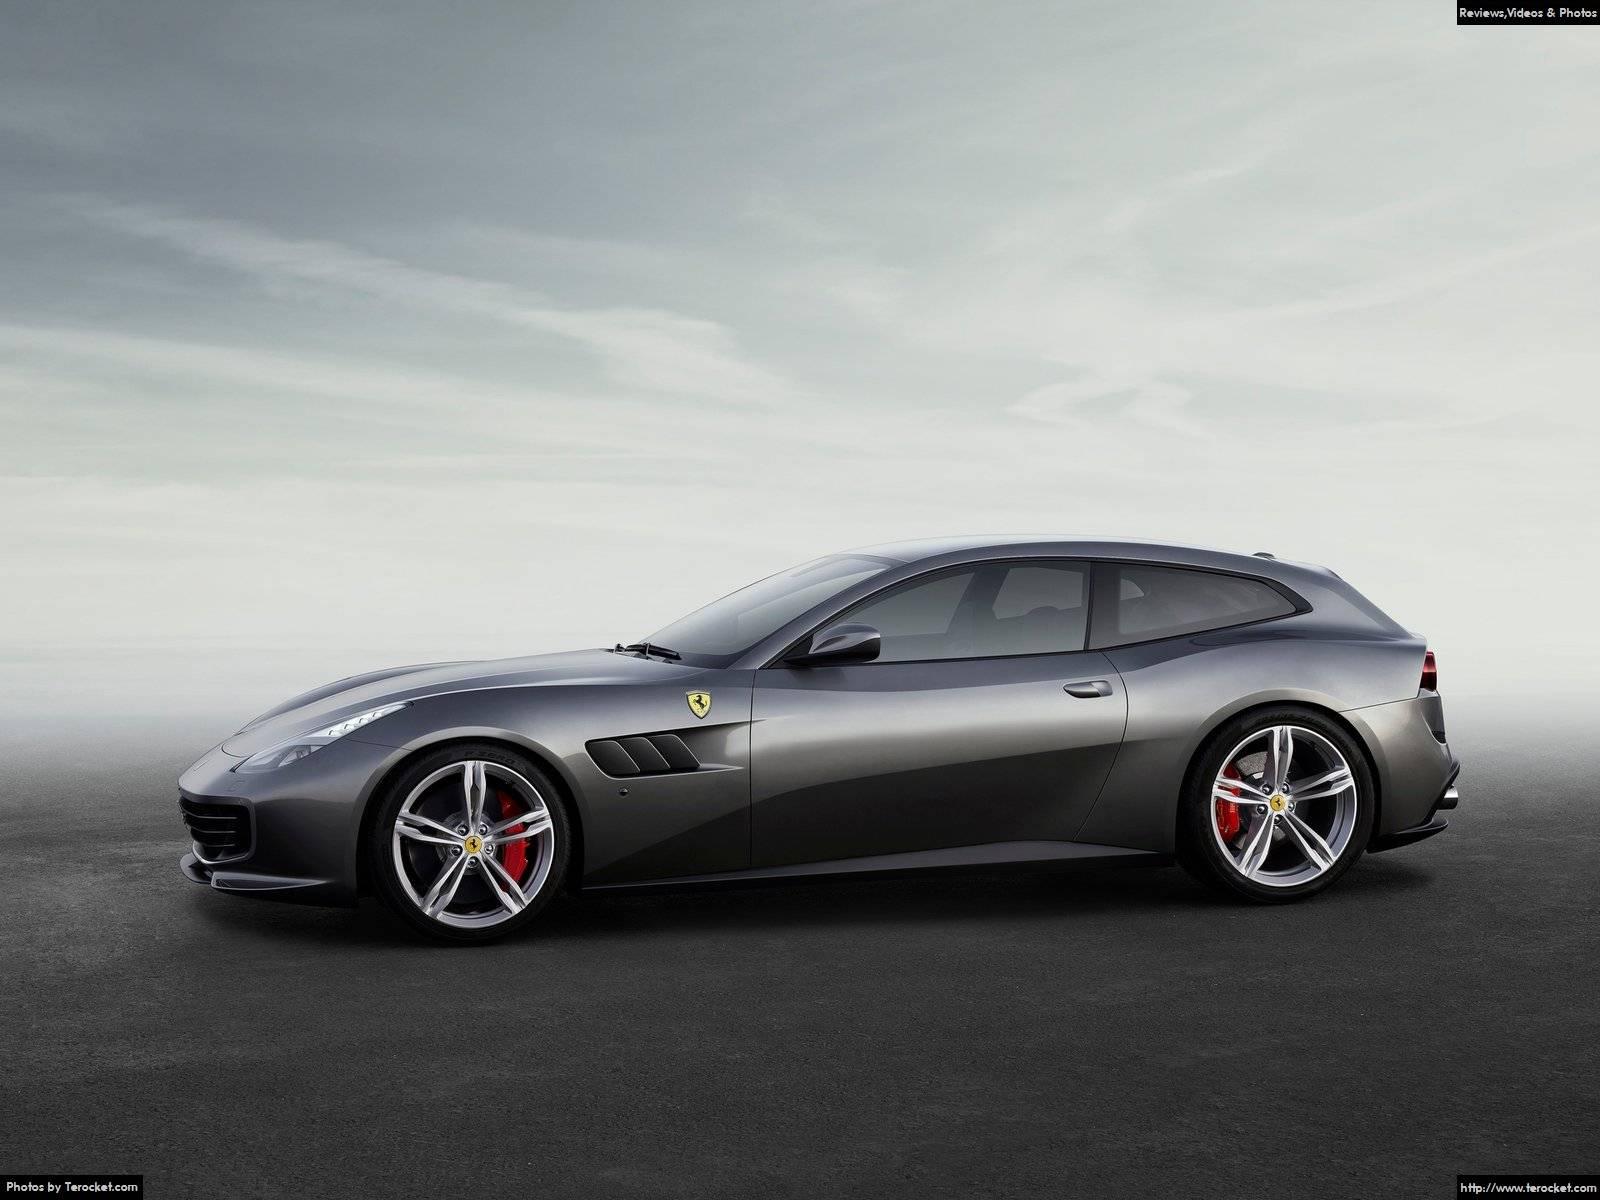 Hình ảnh xe ô tô Ferrari GTC4 Lusso 2017 & nội ngoại thất